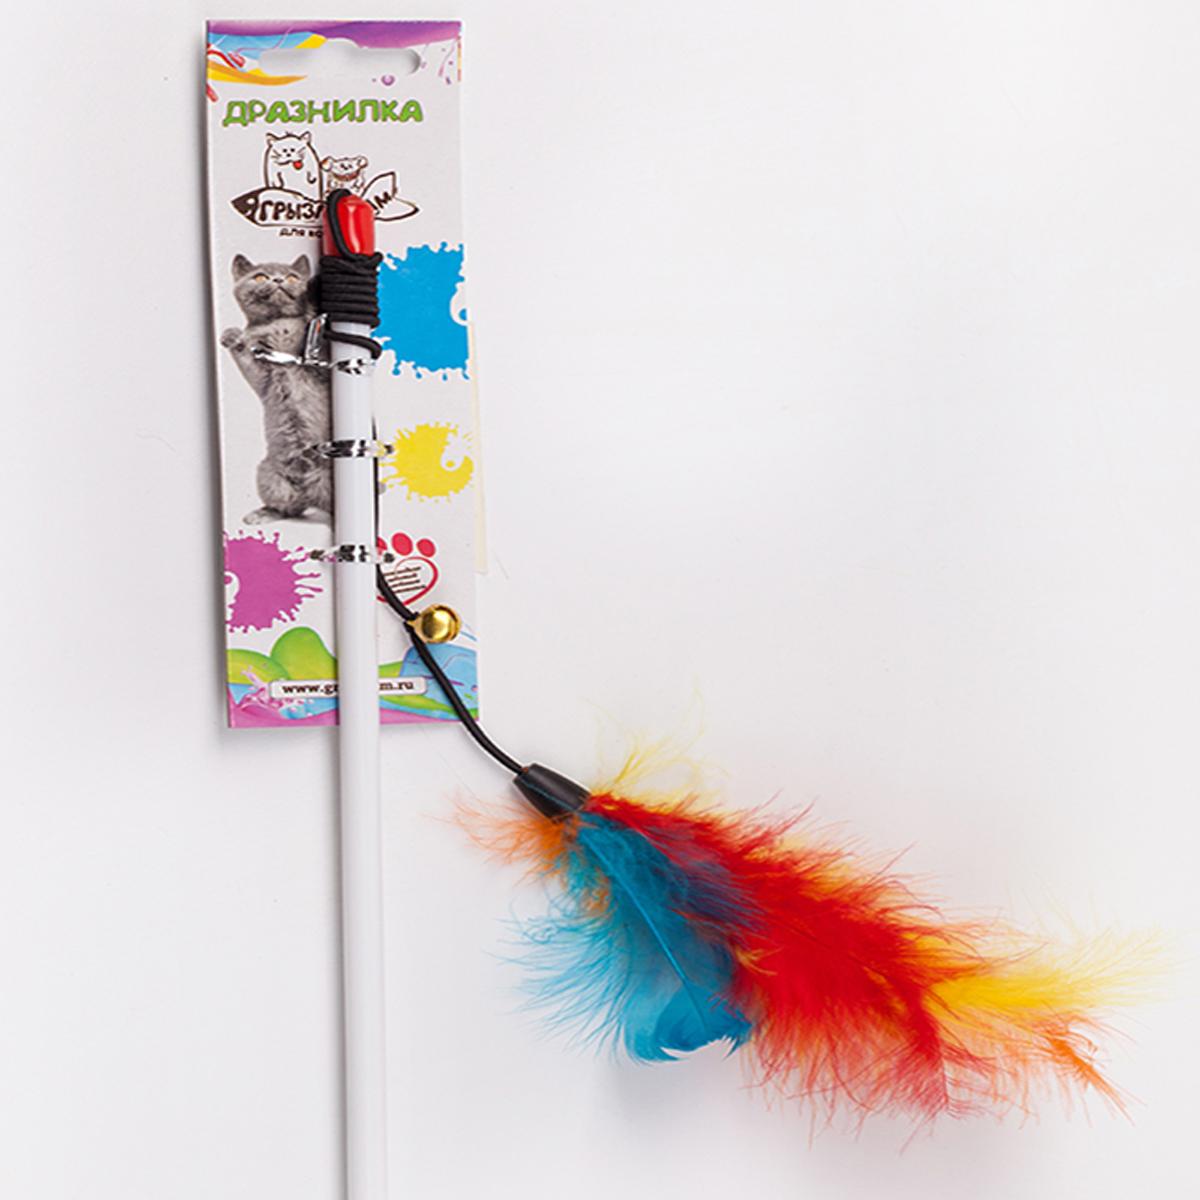 Дразнилка-удочка для кошки Грызлик Ам Марабу с перьями, длина палочки 55 см